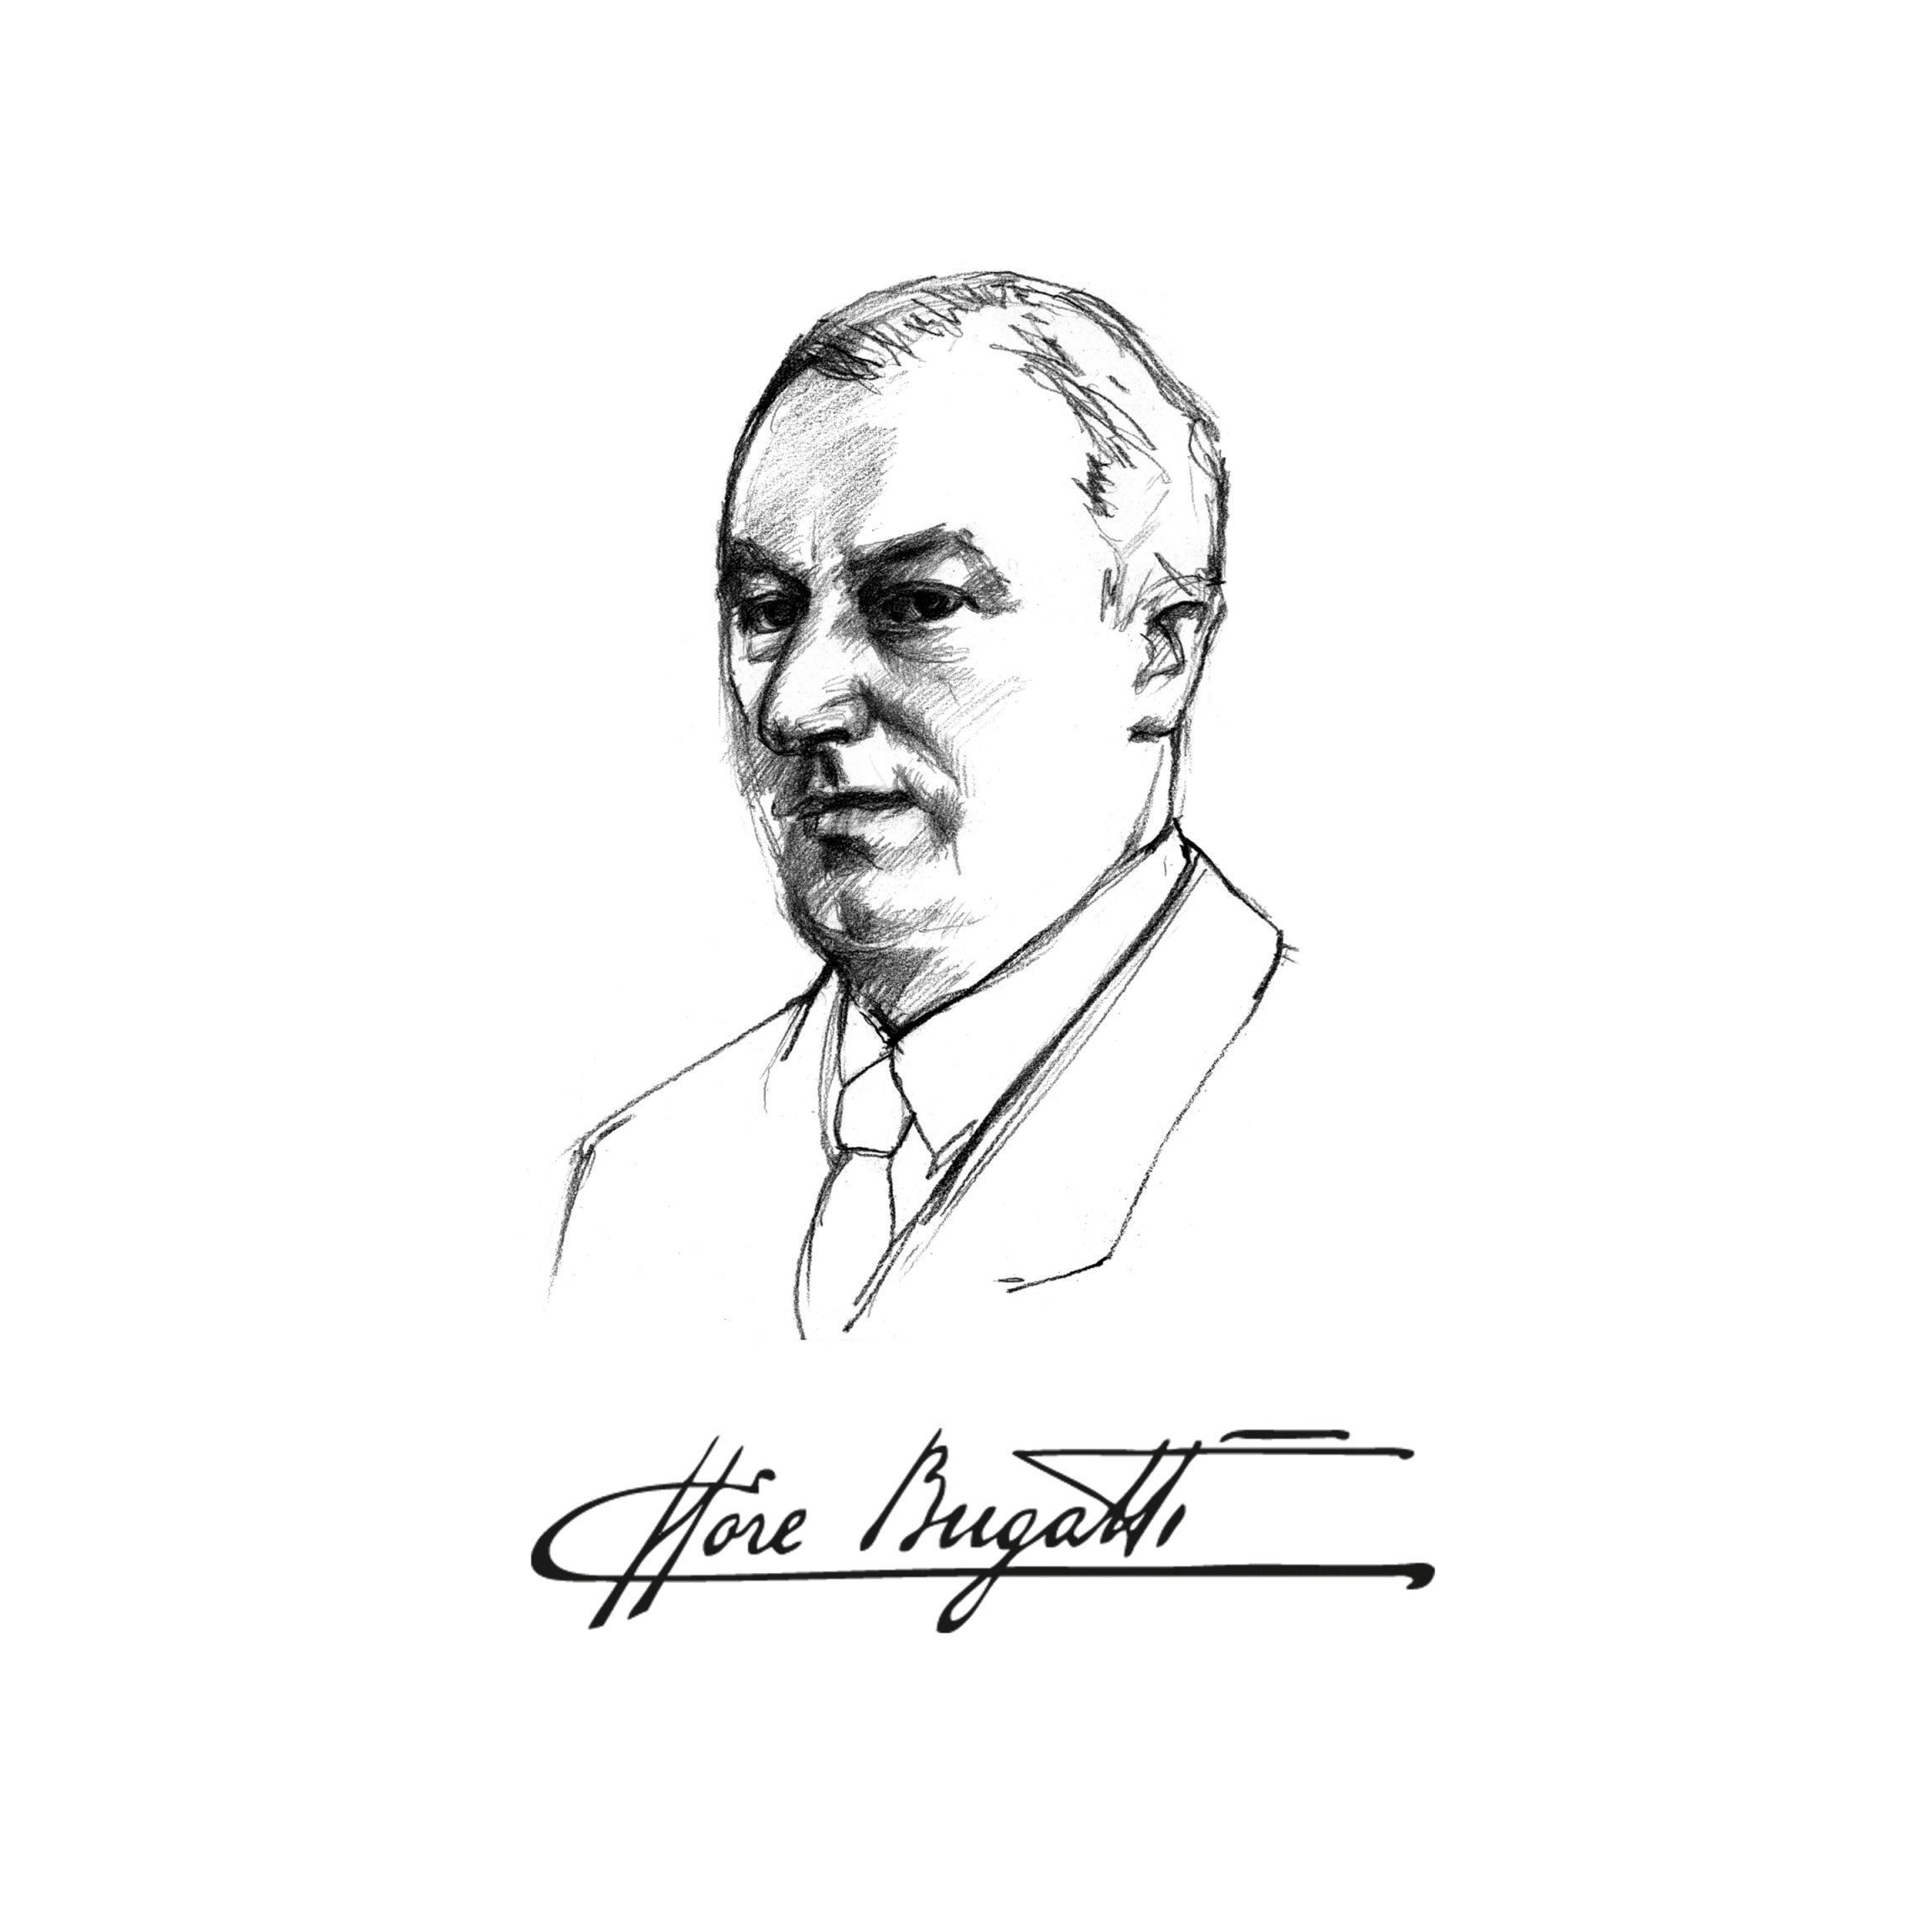 014_Ettore_Bugatti_Design_Sketch